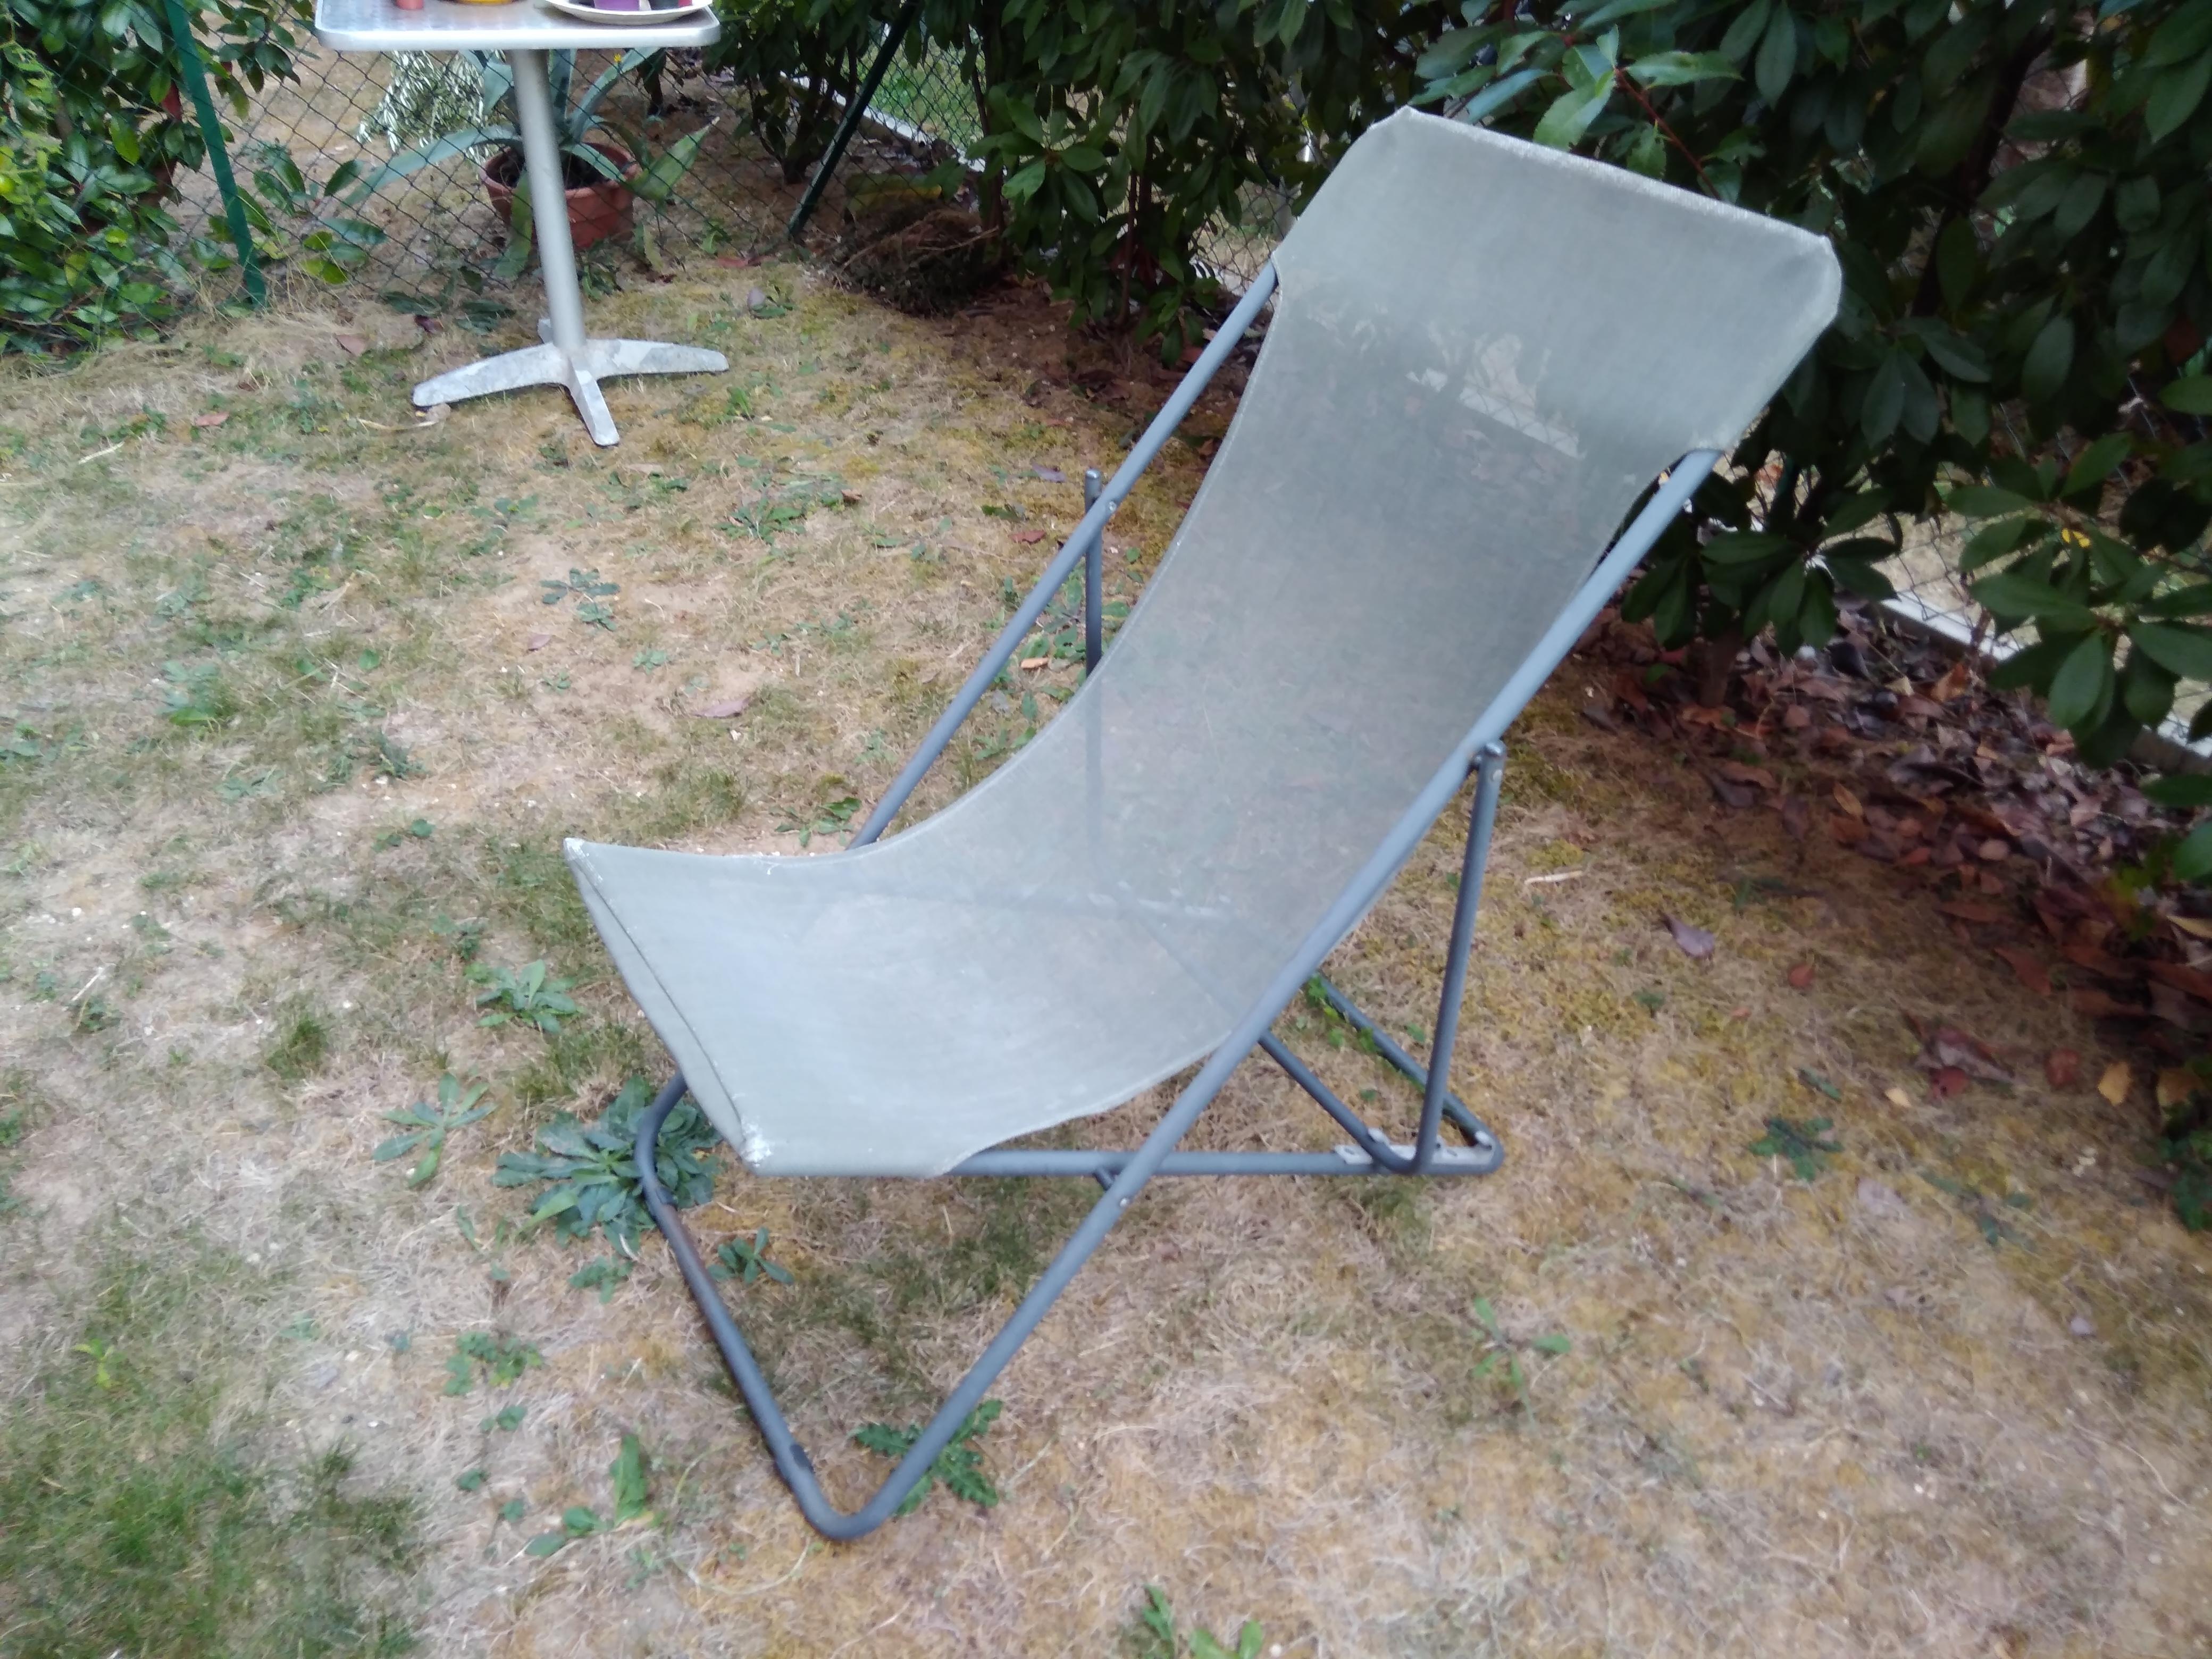 troc de troc chaise longue de jardin image 0